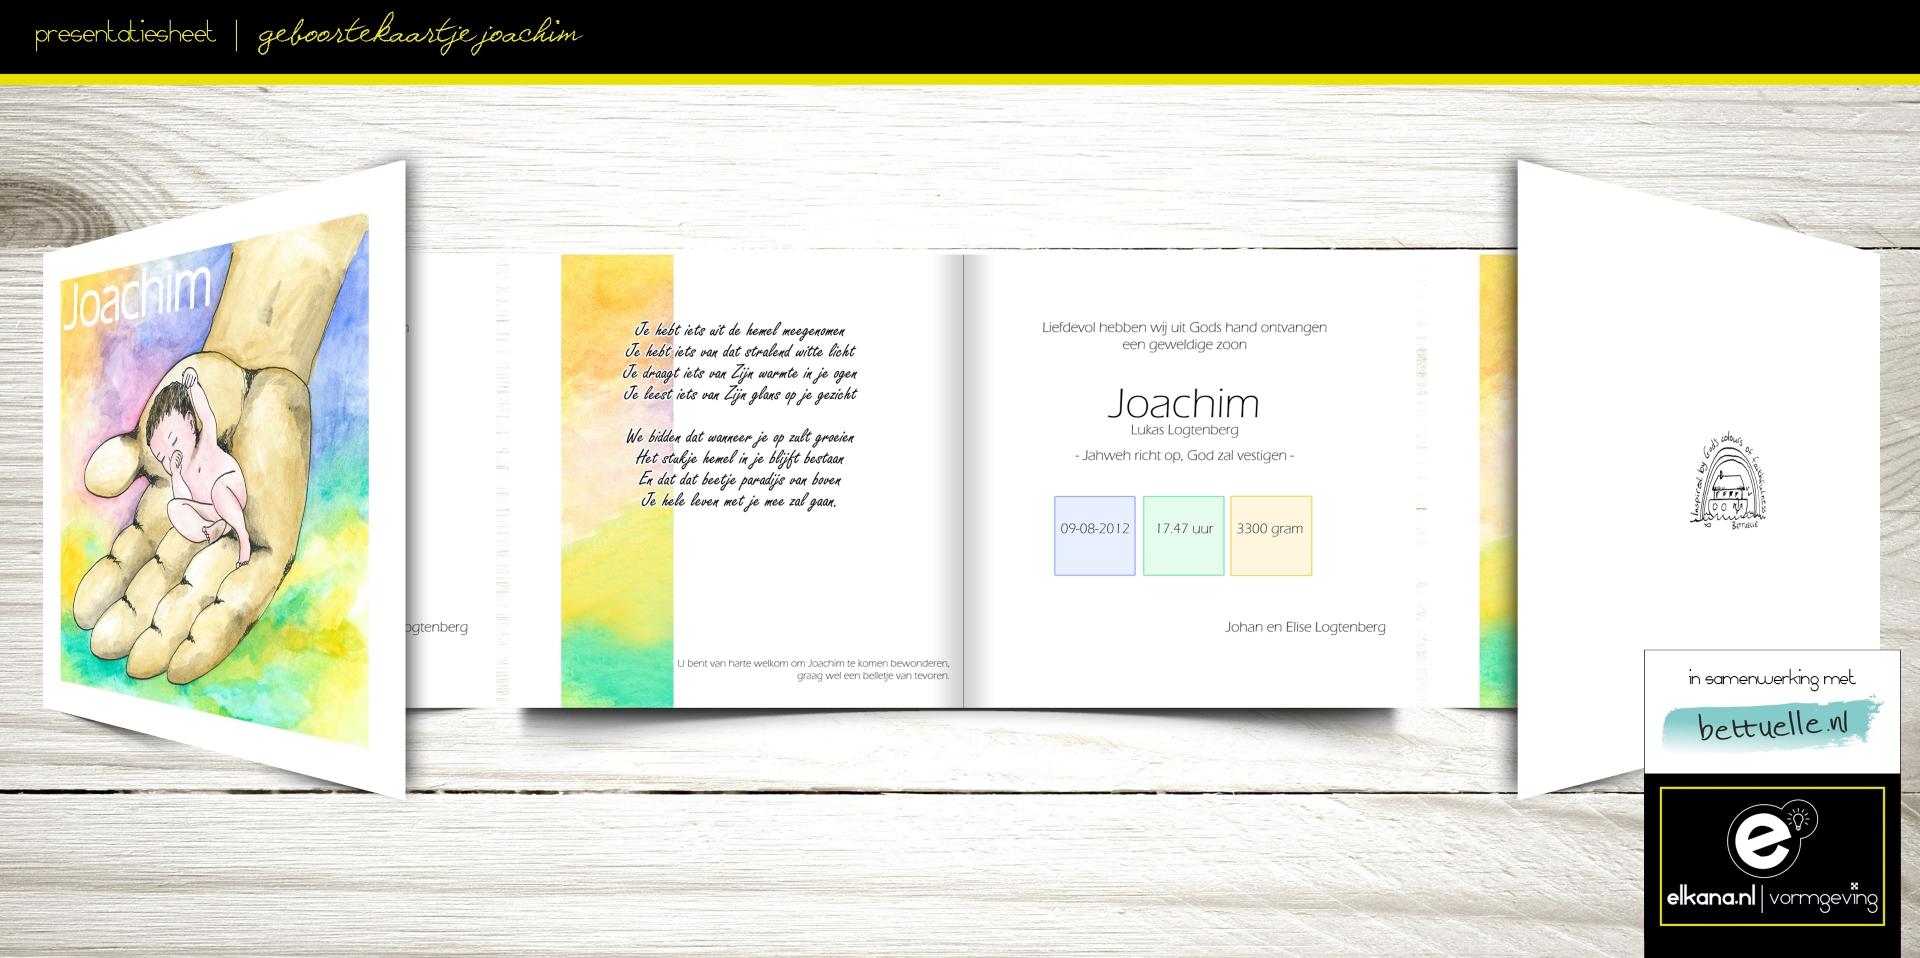 Geboortekaartje Joachim – Bettuelle